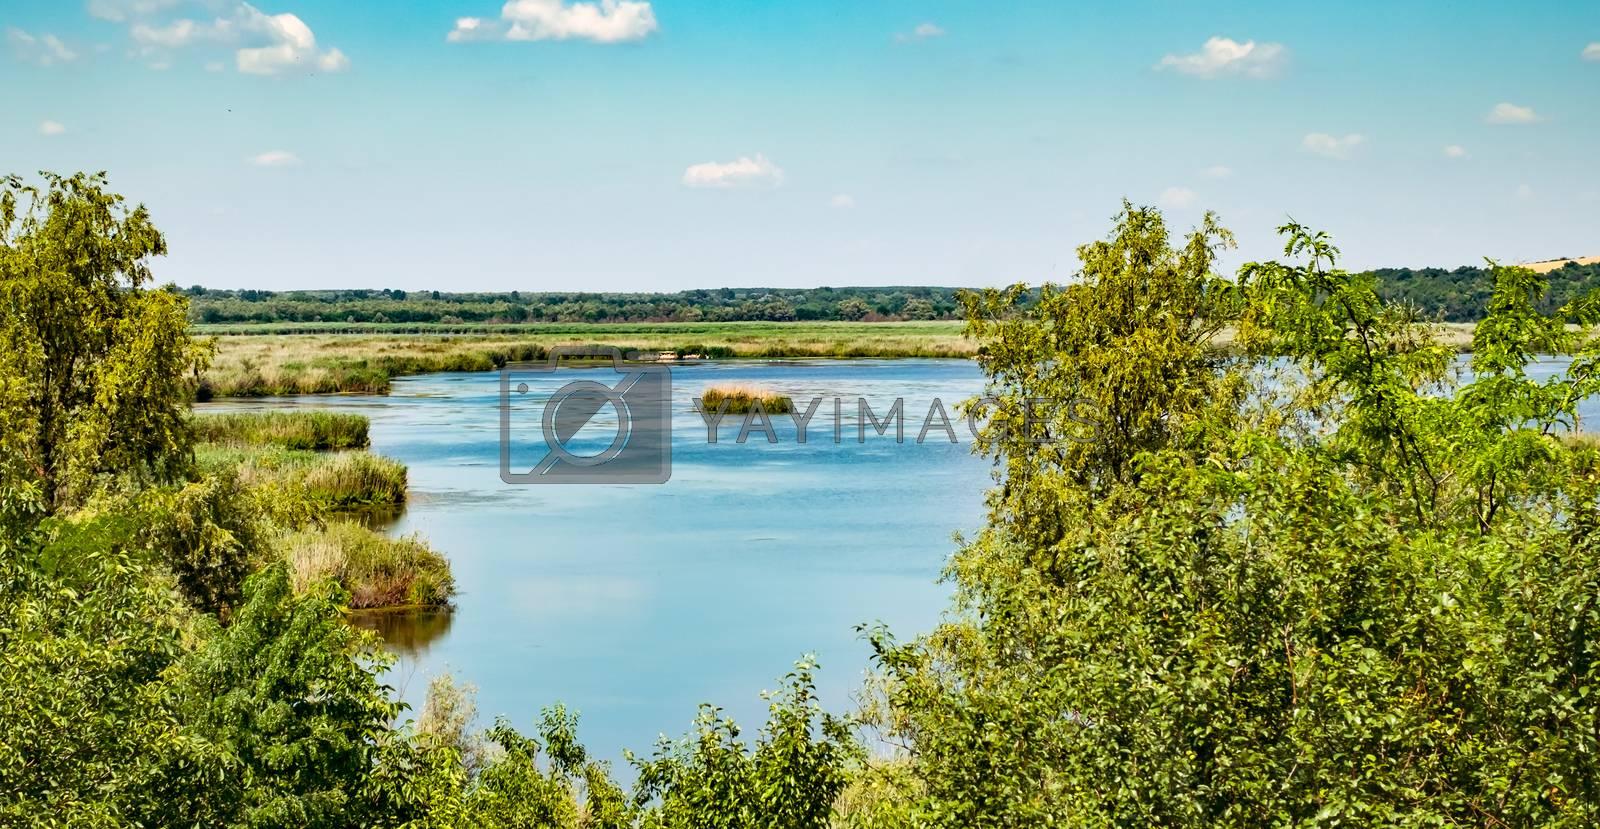 Srebarna Nature Reserve in Bulgaria - A UNESCO World Heritage Site